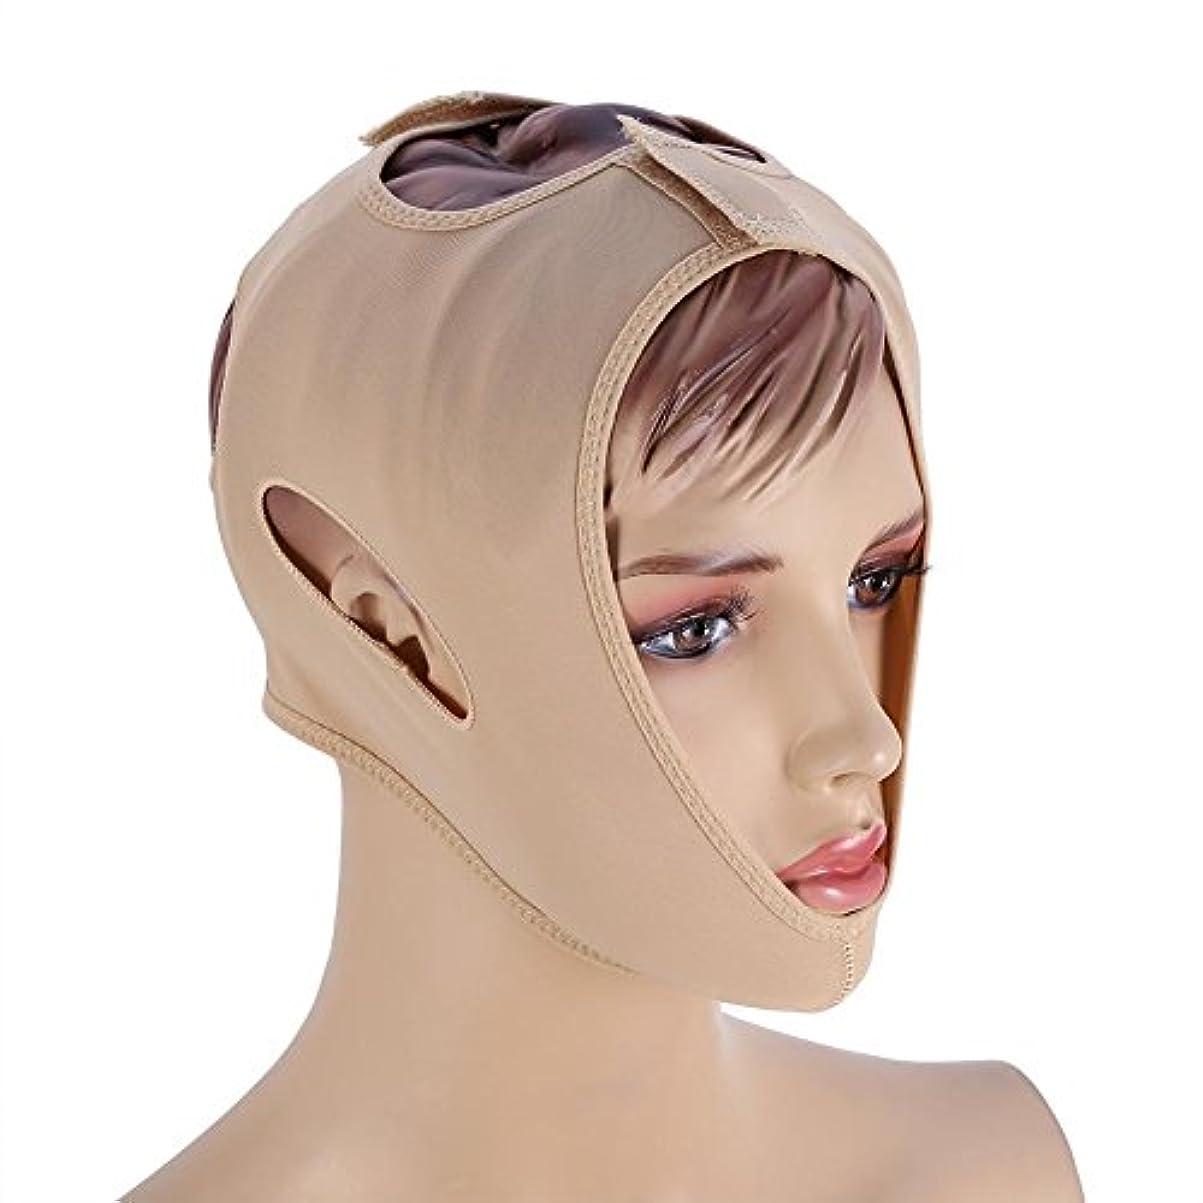 ヒープ者エコーフェイスベルト 額、顎下、頬リフトアップ 小顔 美顔 頬のたるみ 引き上げマスク便利 伸縮性 繊維 (L码)